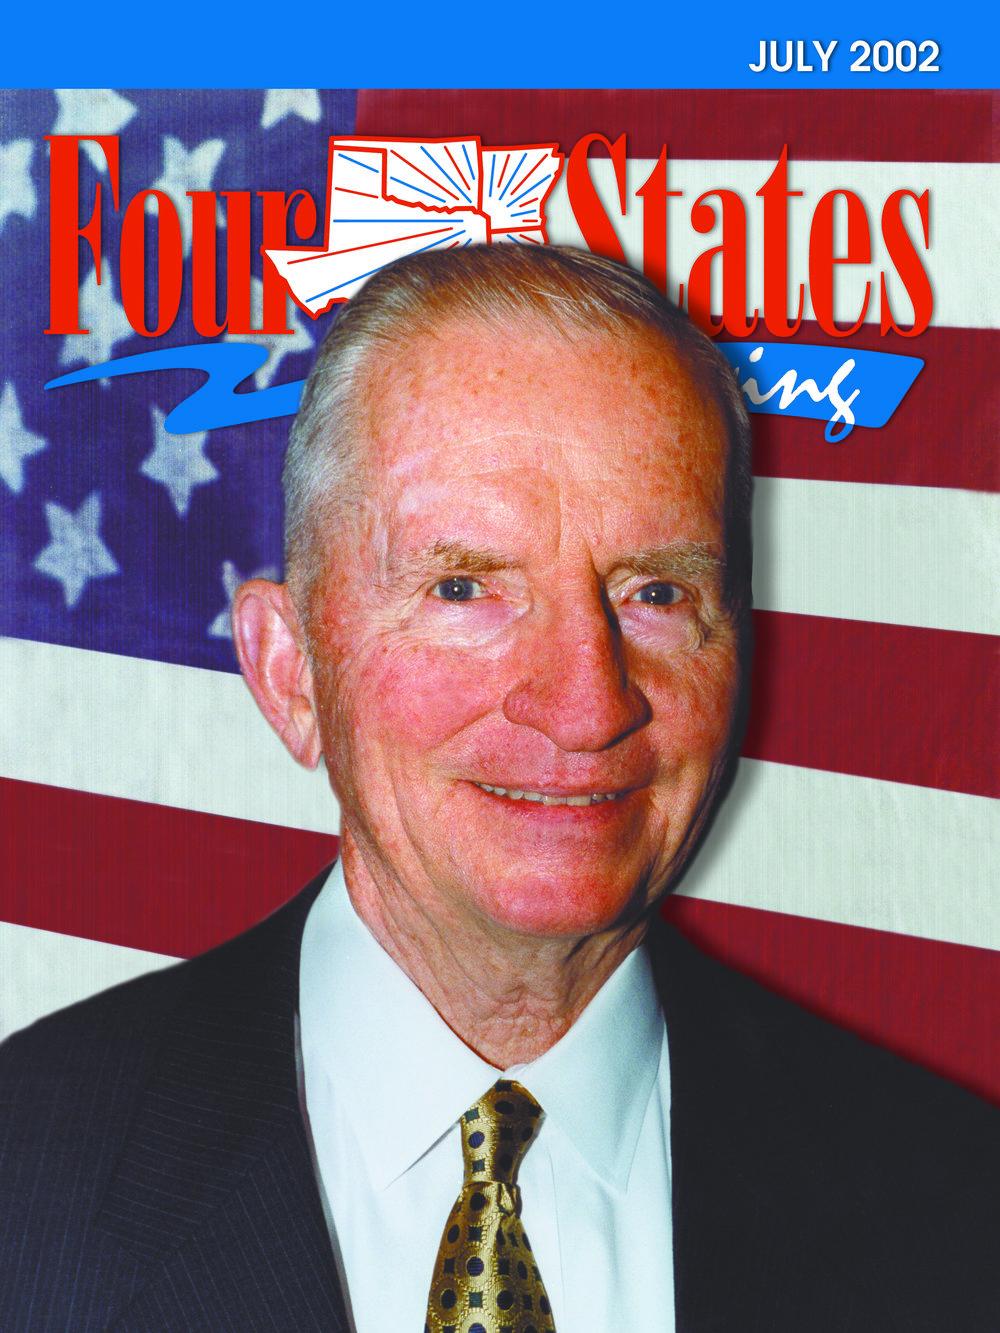 July 2002